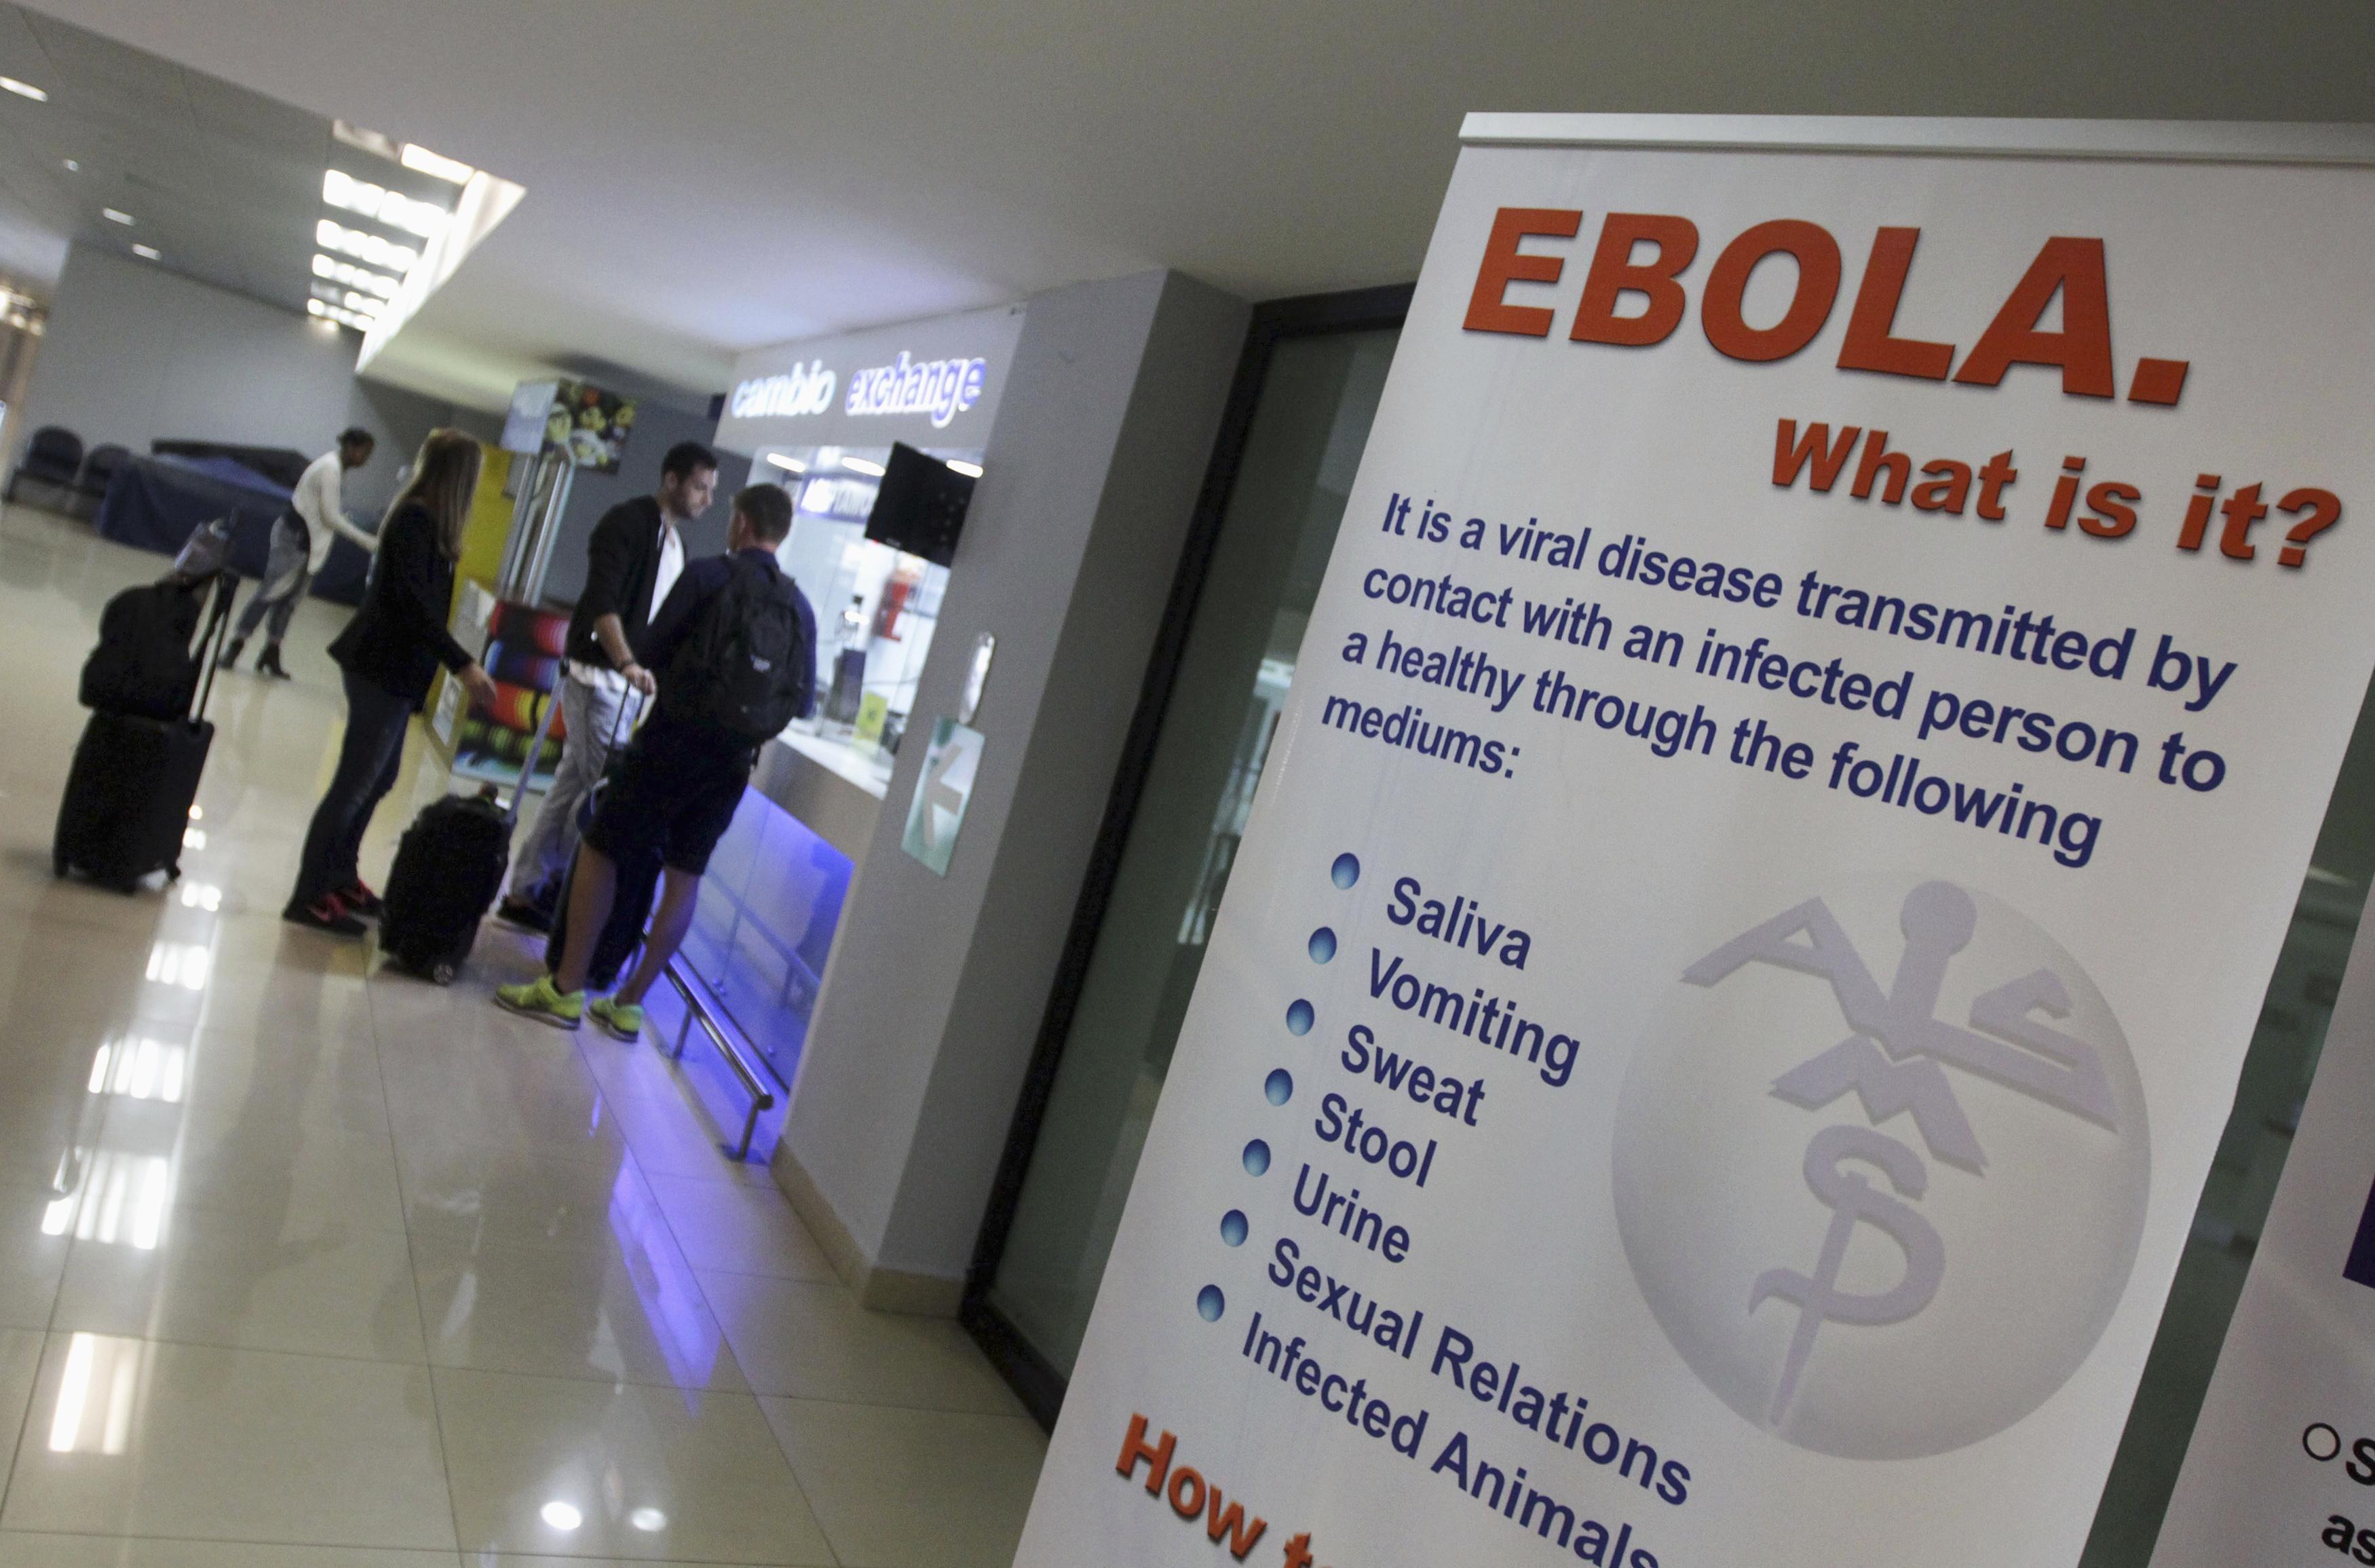 Un cartel de advertencia en un aeropuerto con las medidas para prevenir la enfermedad. (Foto de archivo: Reuters)